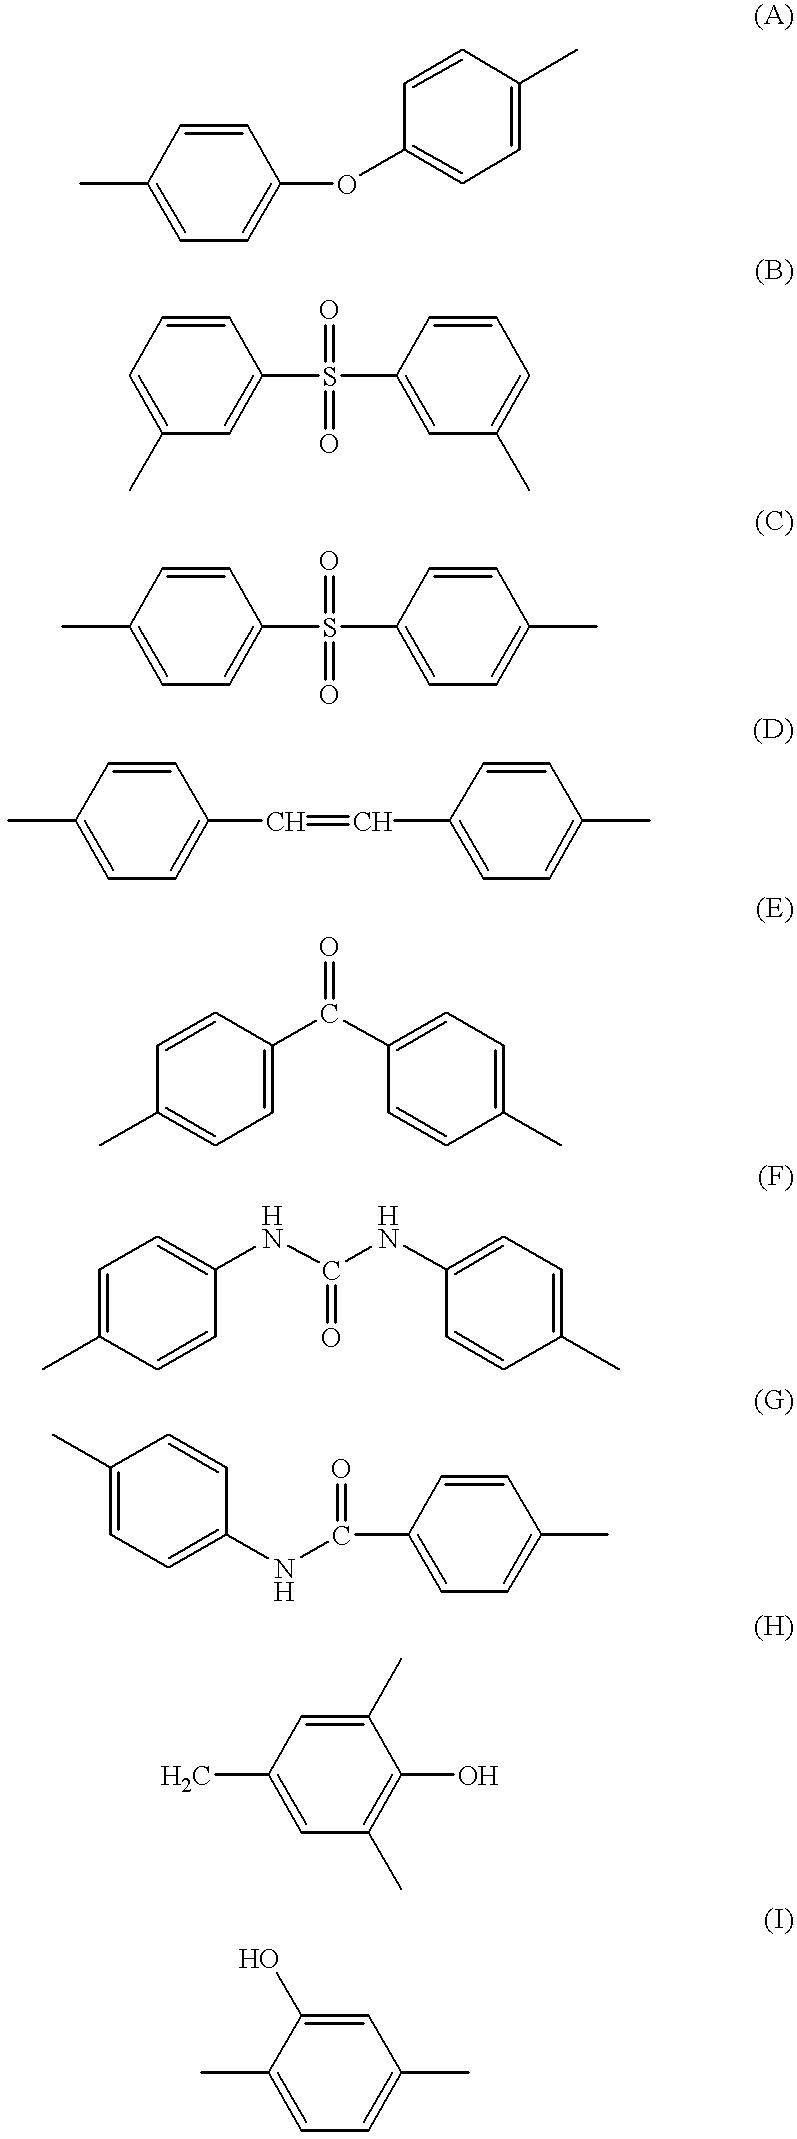 Figure US06303260-20011016-C00004